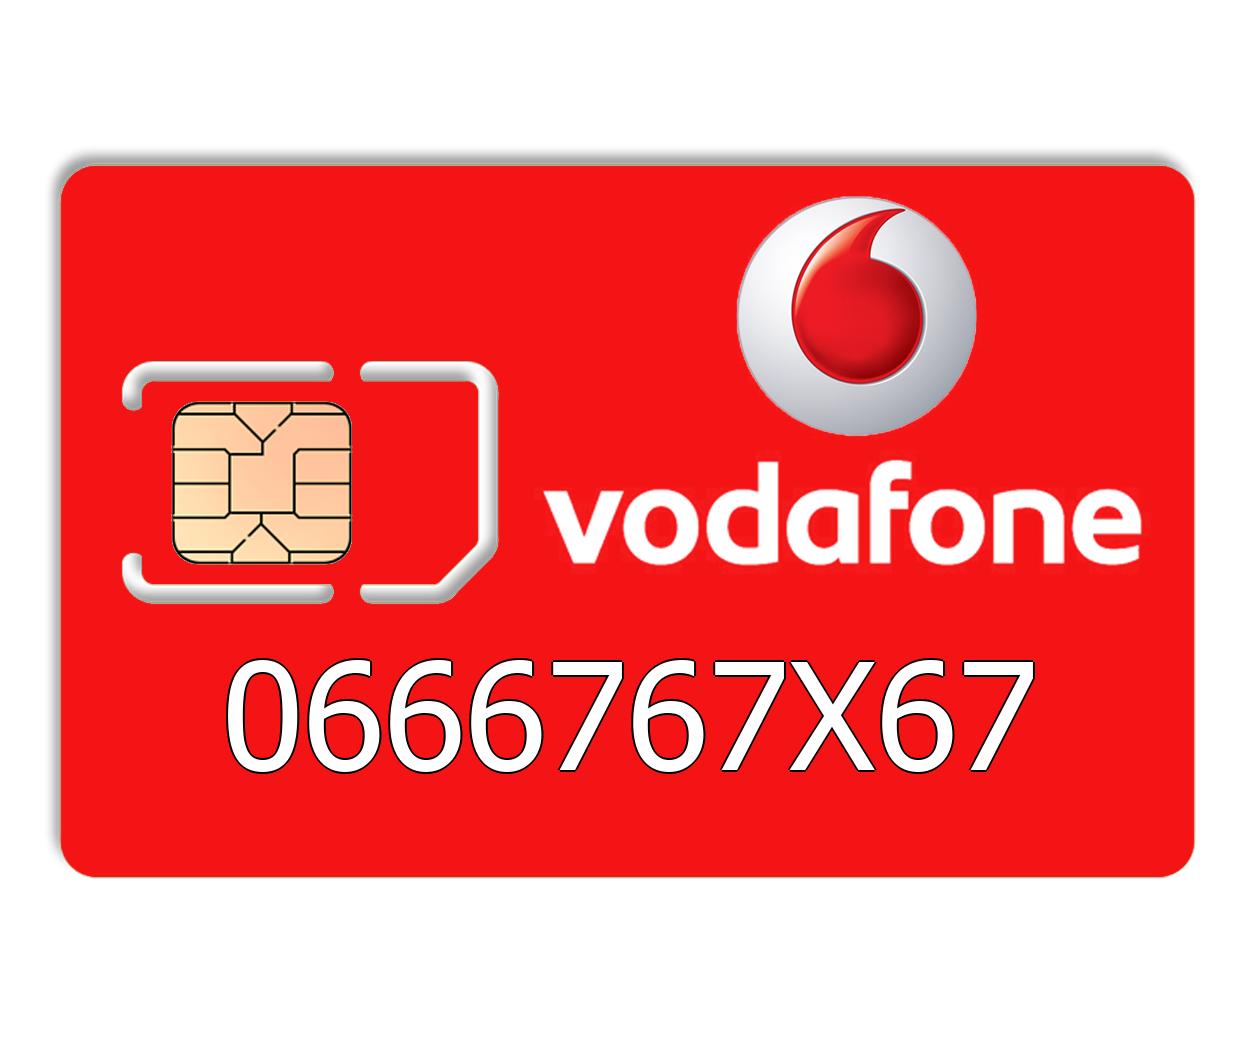 Красивый номер Vodafone 0666767X67